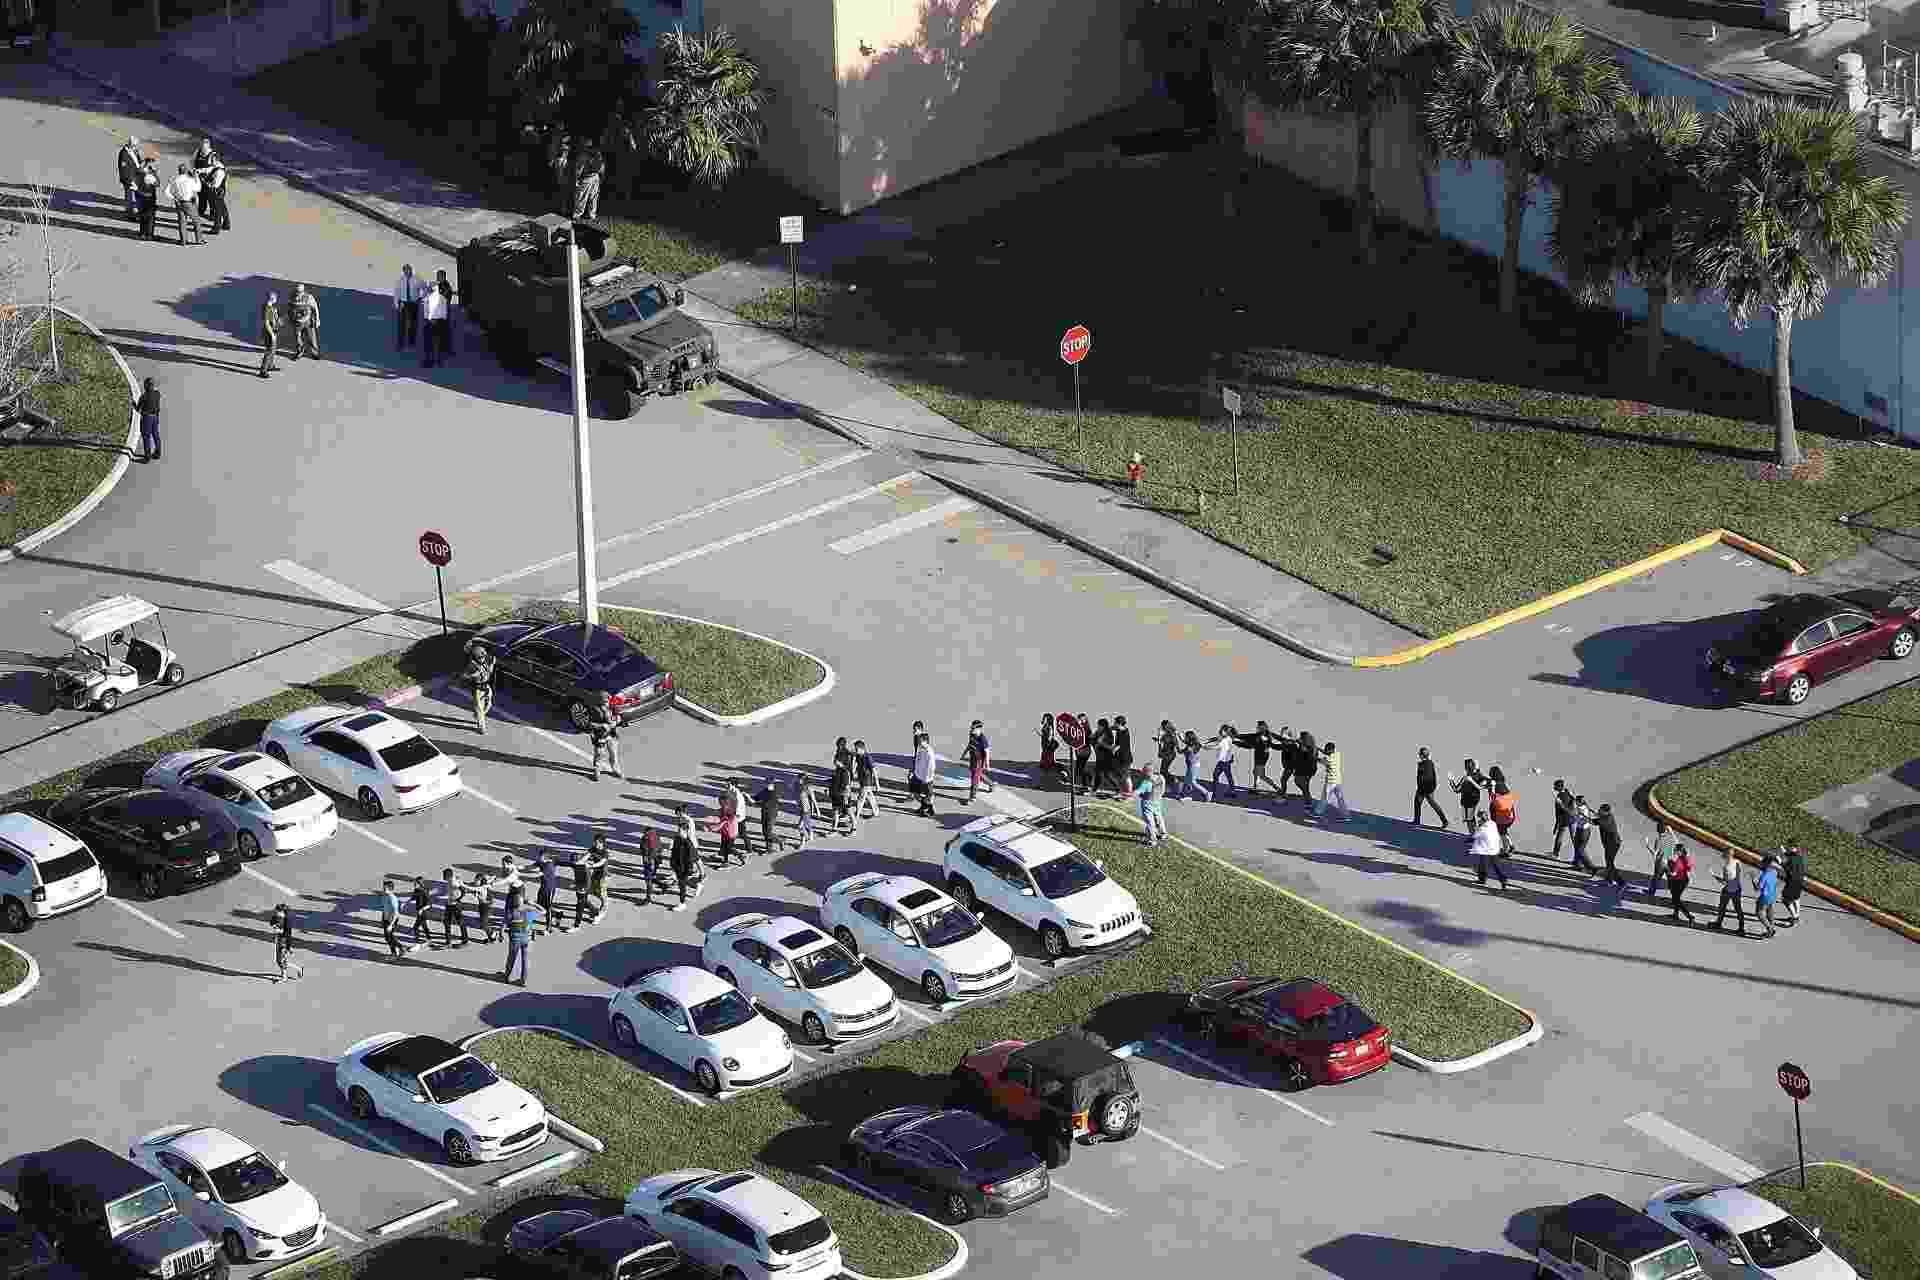 14.fev.2018 - Pessoas são retiradas do prédio do colégio Marjory Stoneman Douglas após tiroteio que deixou mortos e feridos - Joe Raedle/Getty Images/AFP